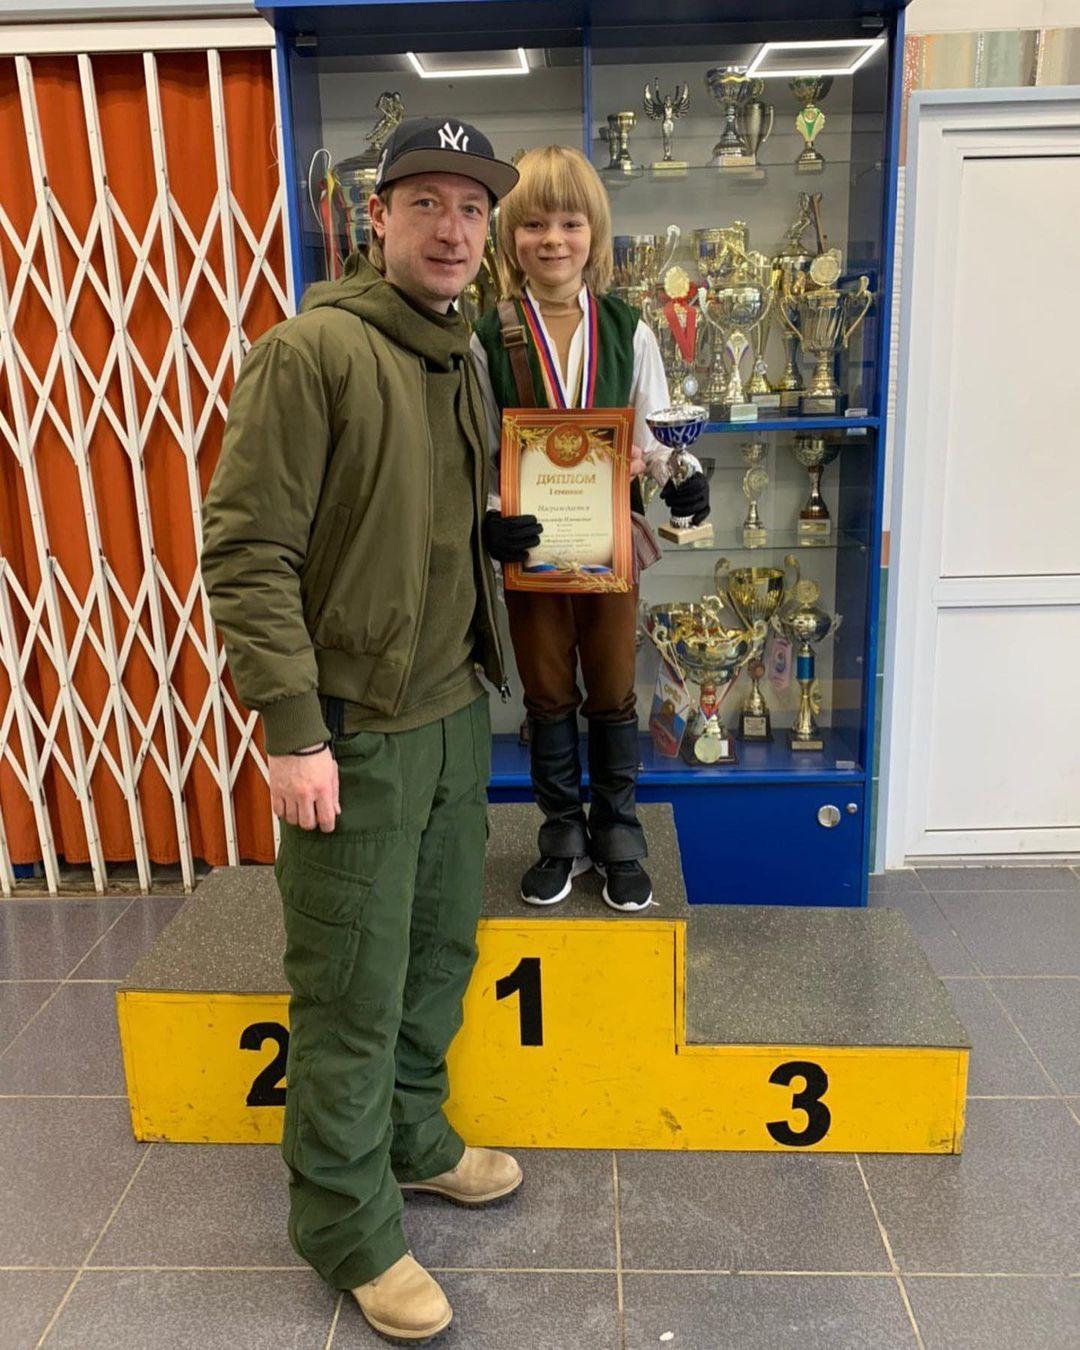 Занимая 38 место в рейтинге, сын Яны Рудковской выиграл соревнования по фигурному катанию